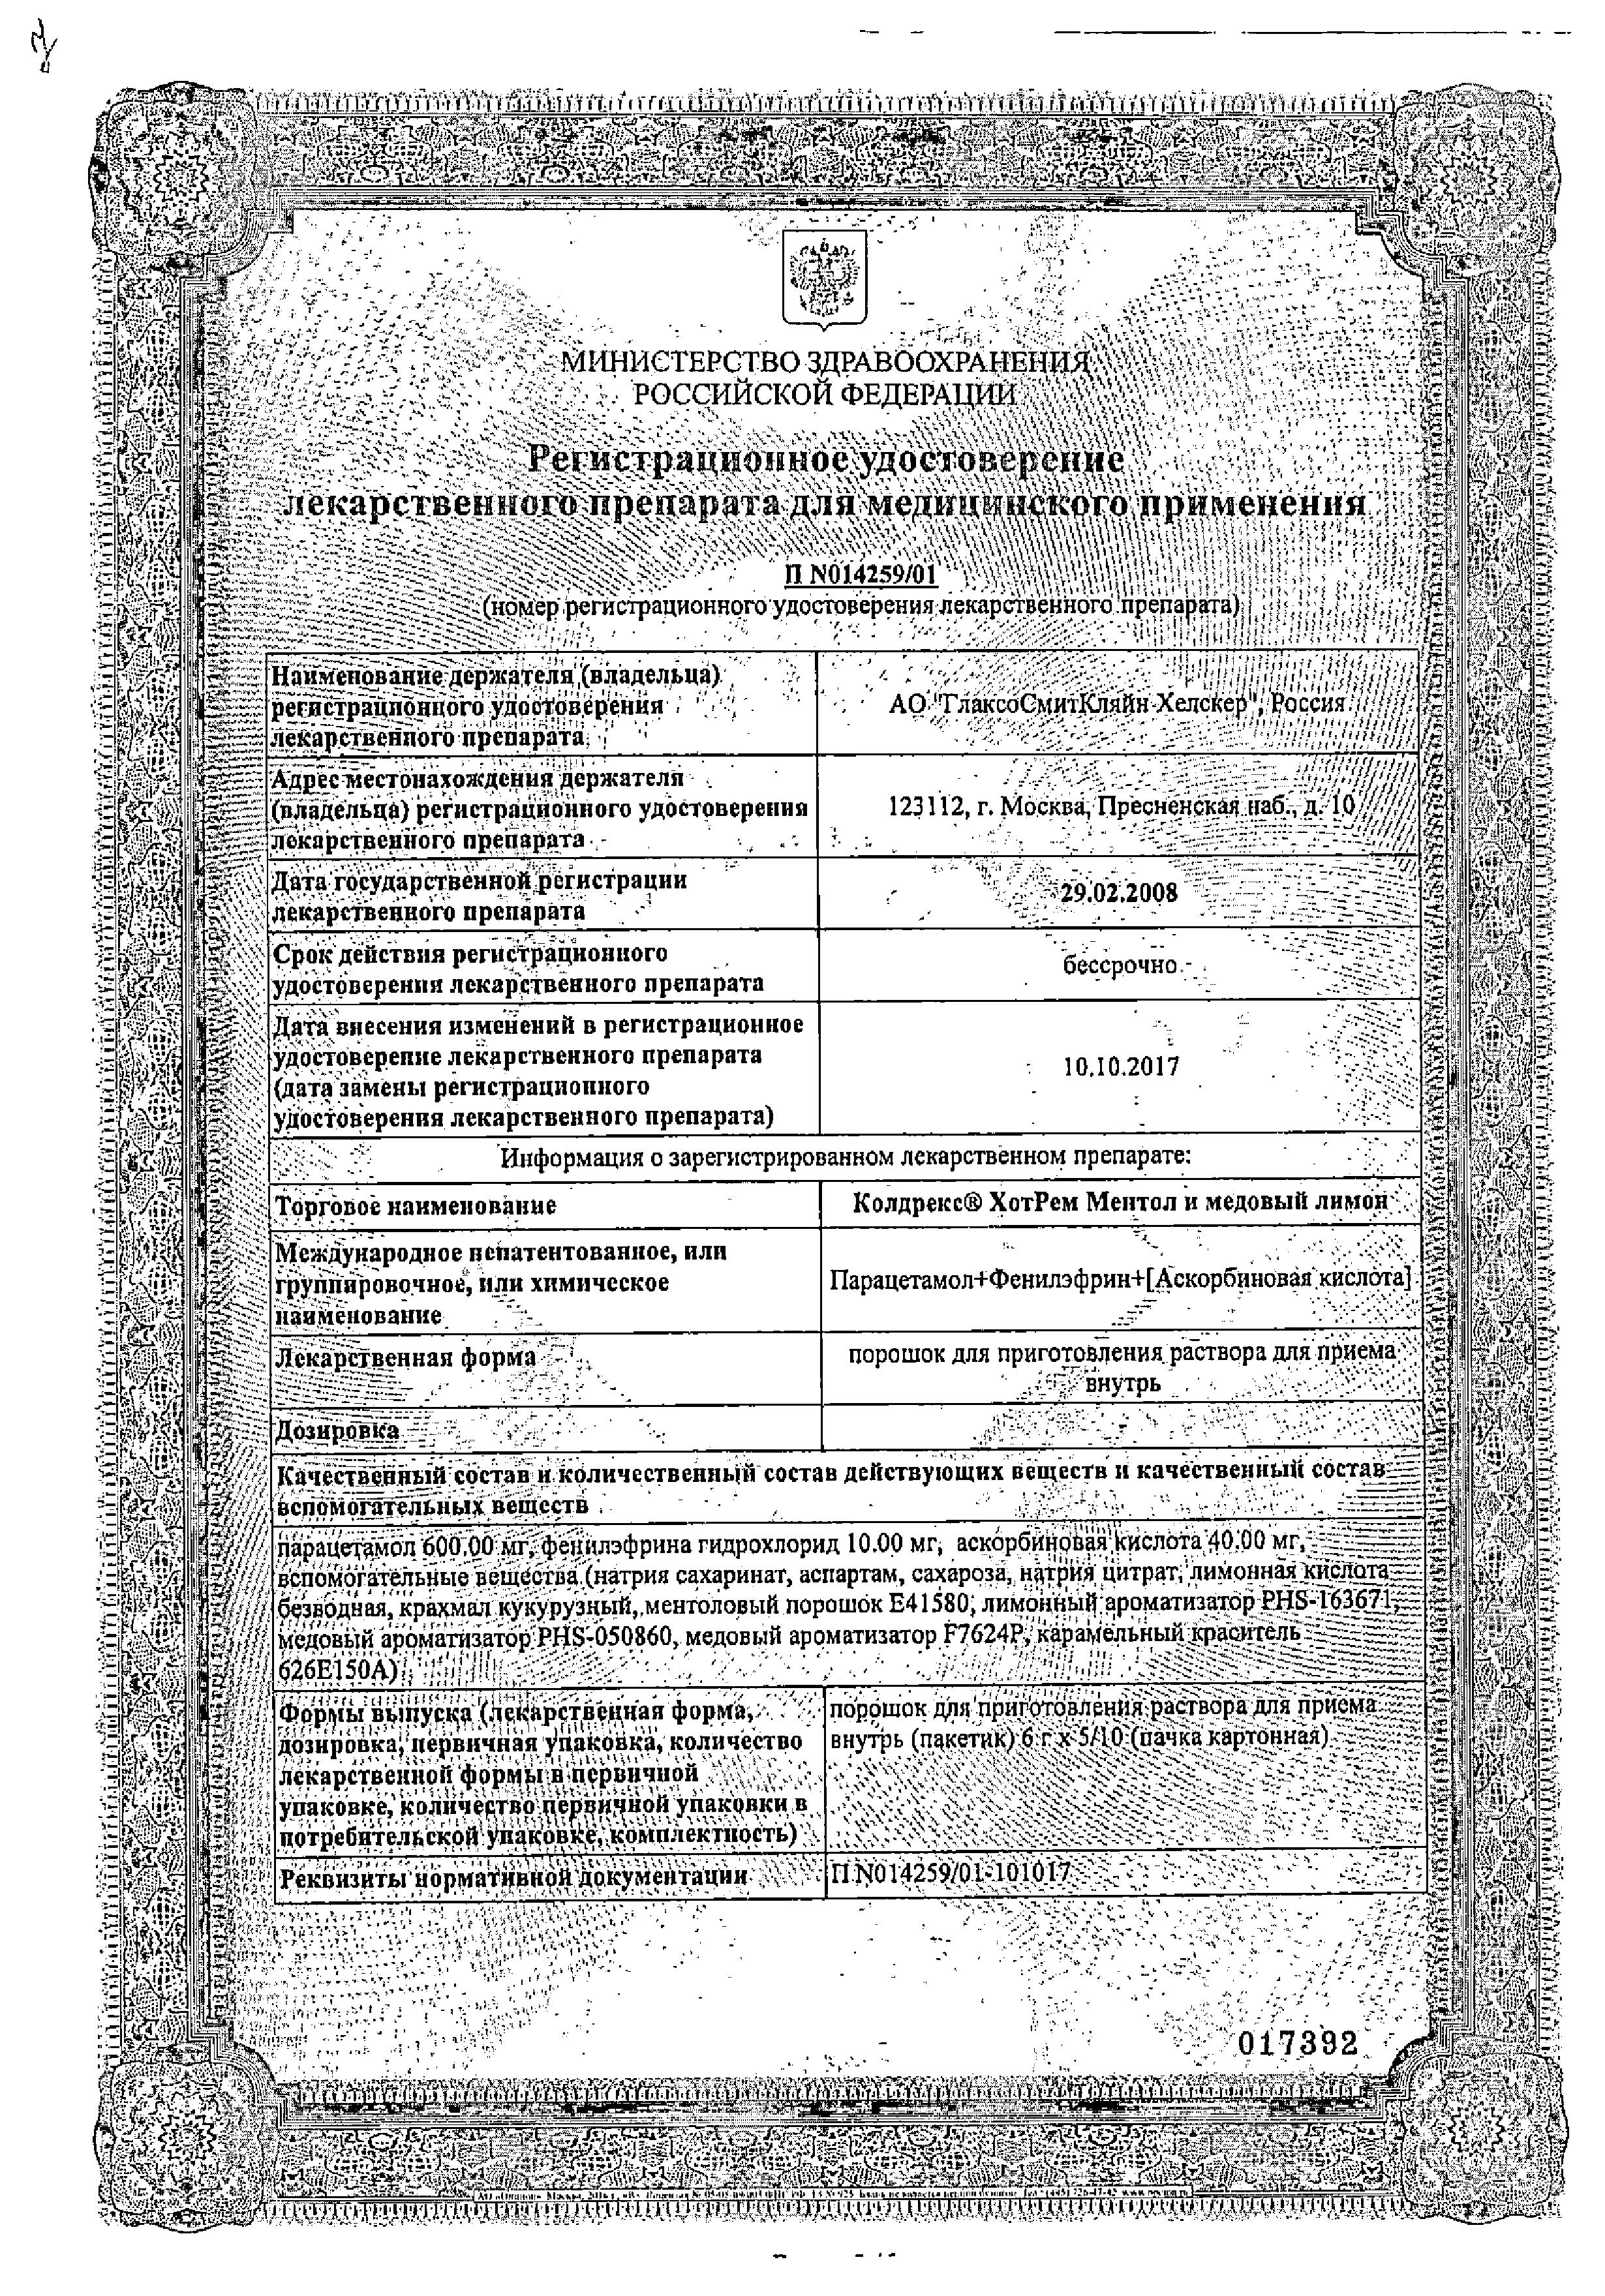 Колдрекс Хотрем сертификат